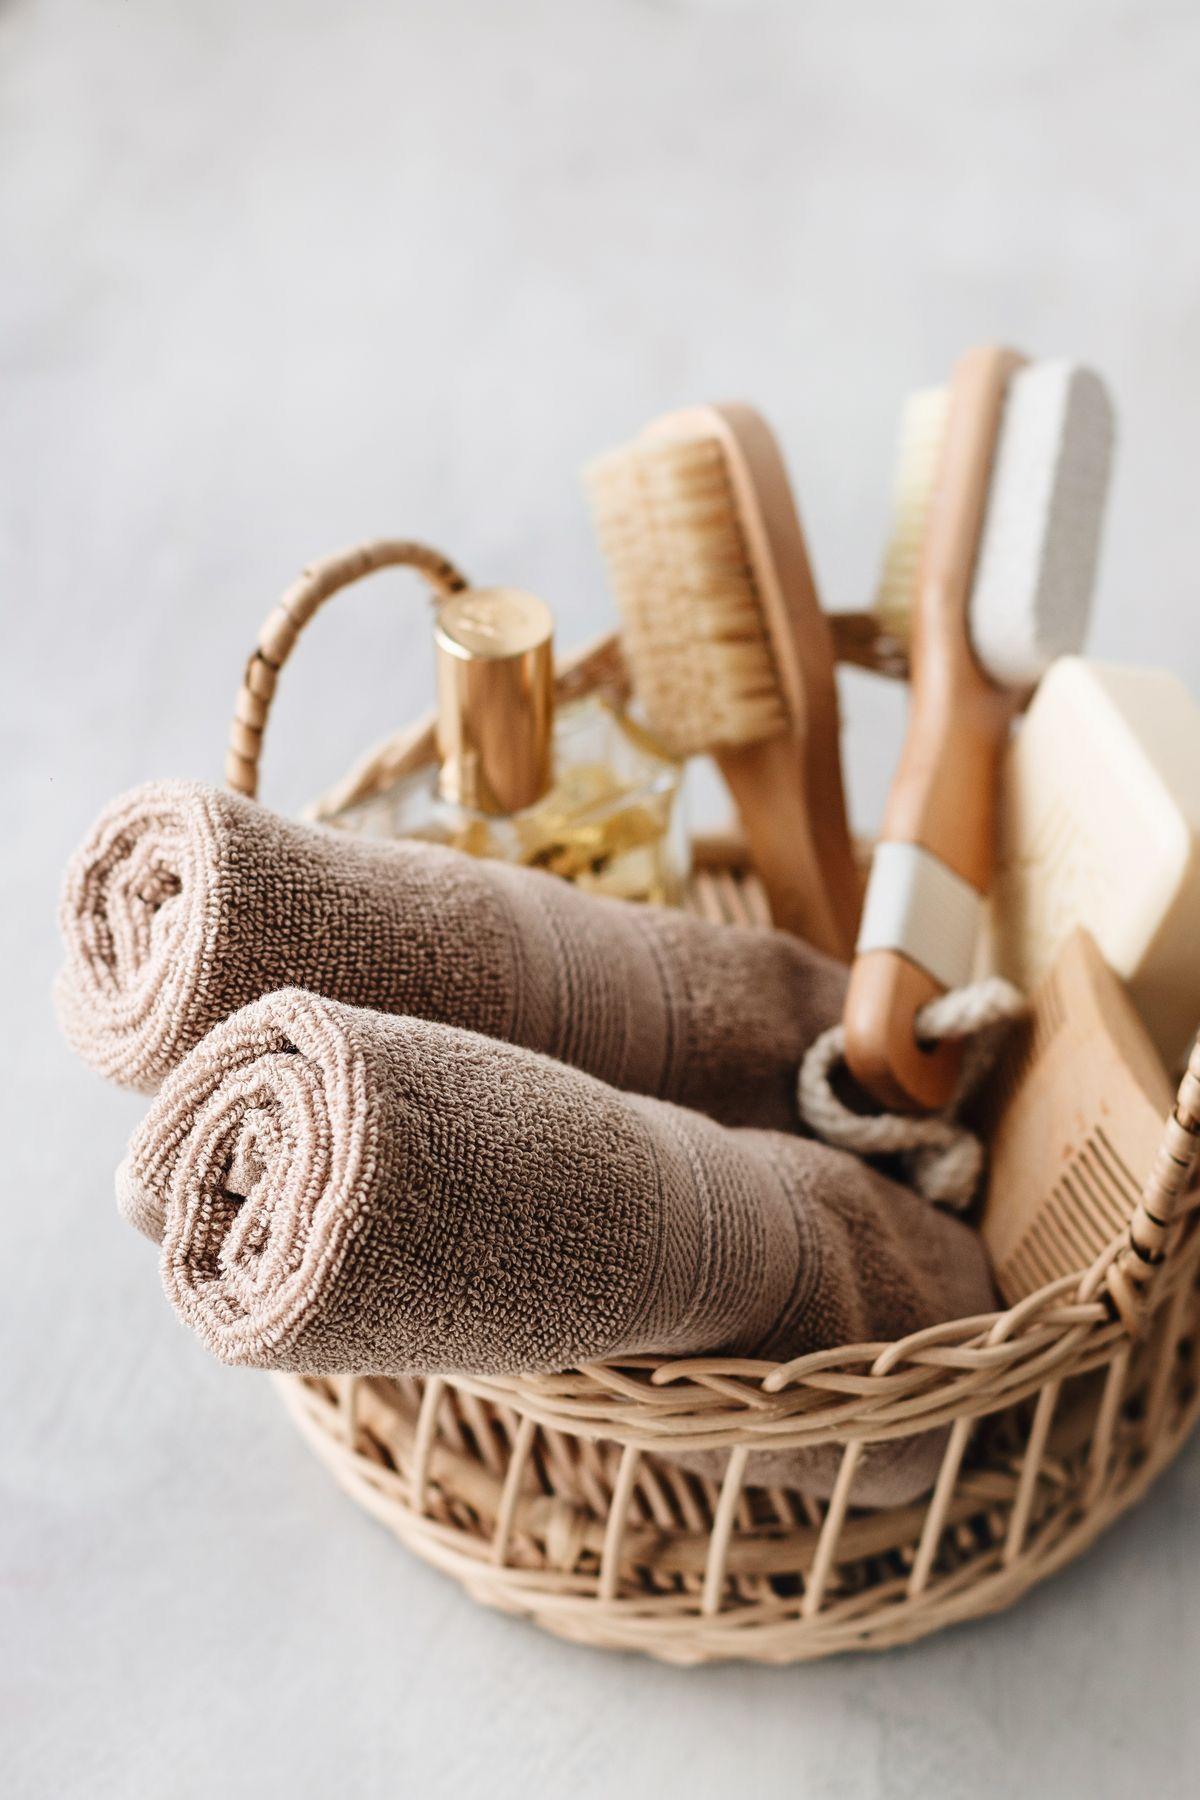 bông tắm hoặc bàn chải tắm chuyên dụng